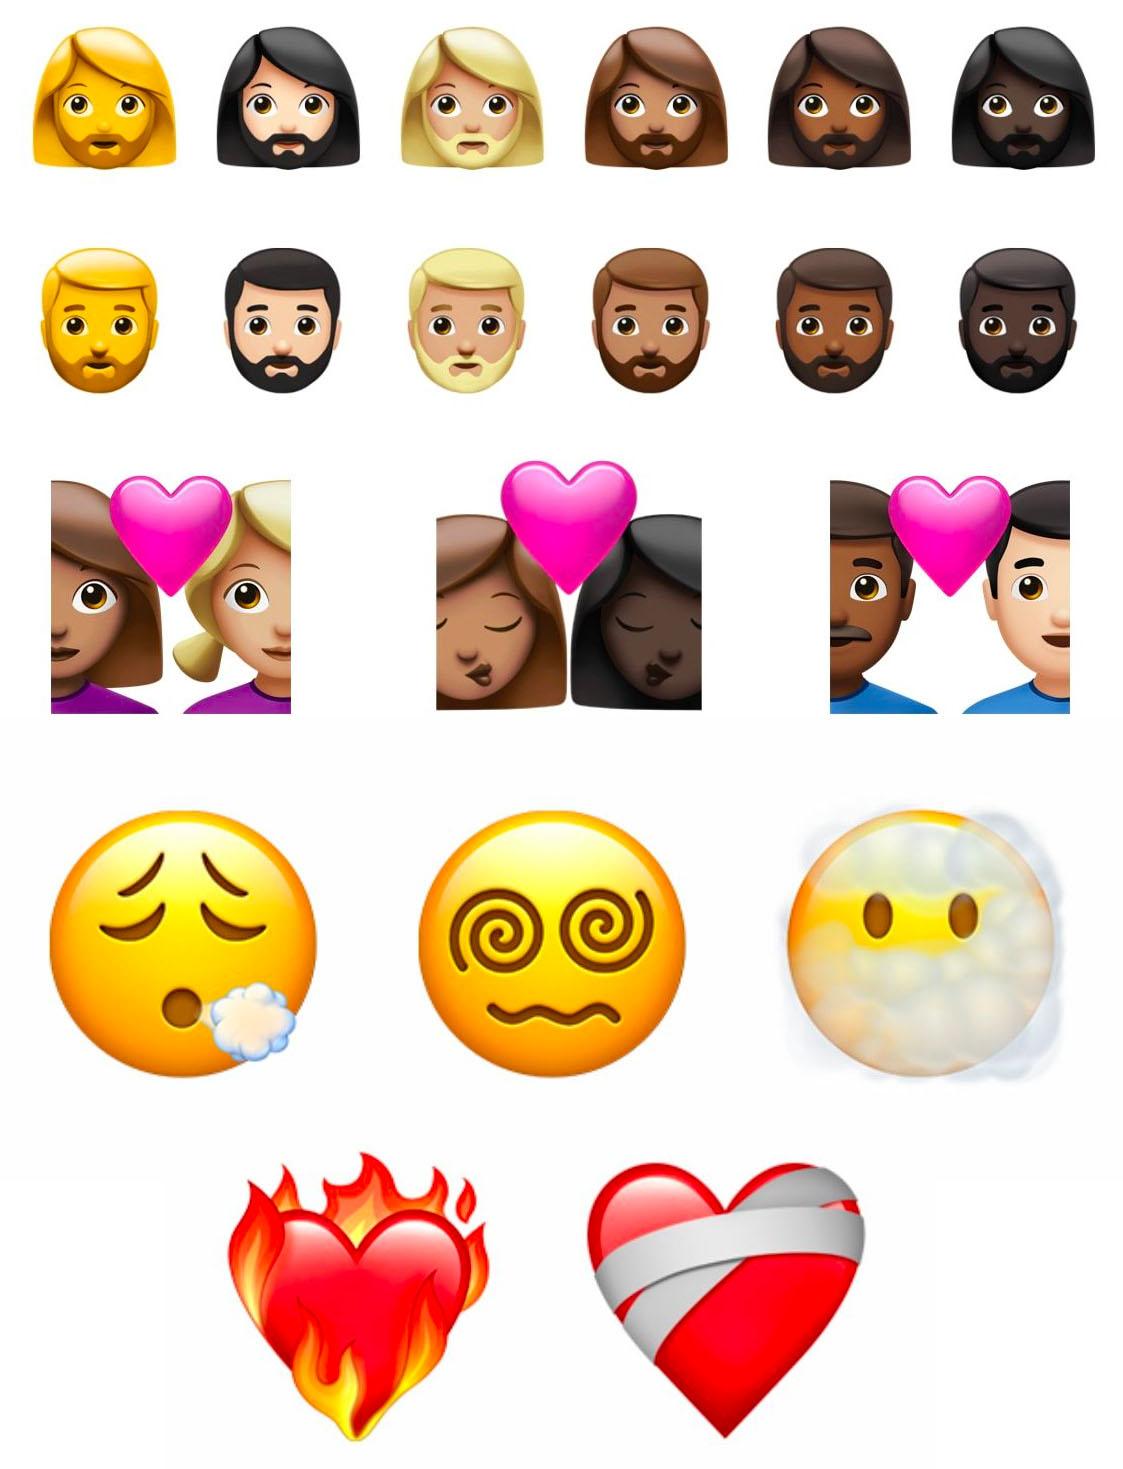 Nuevos emojis de iOS 14.5